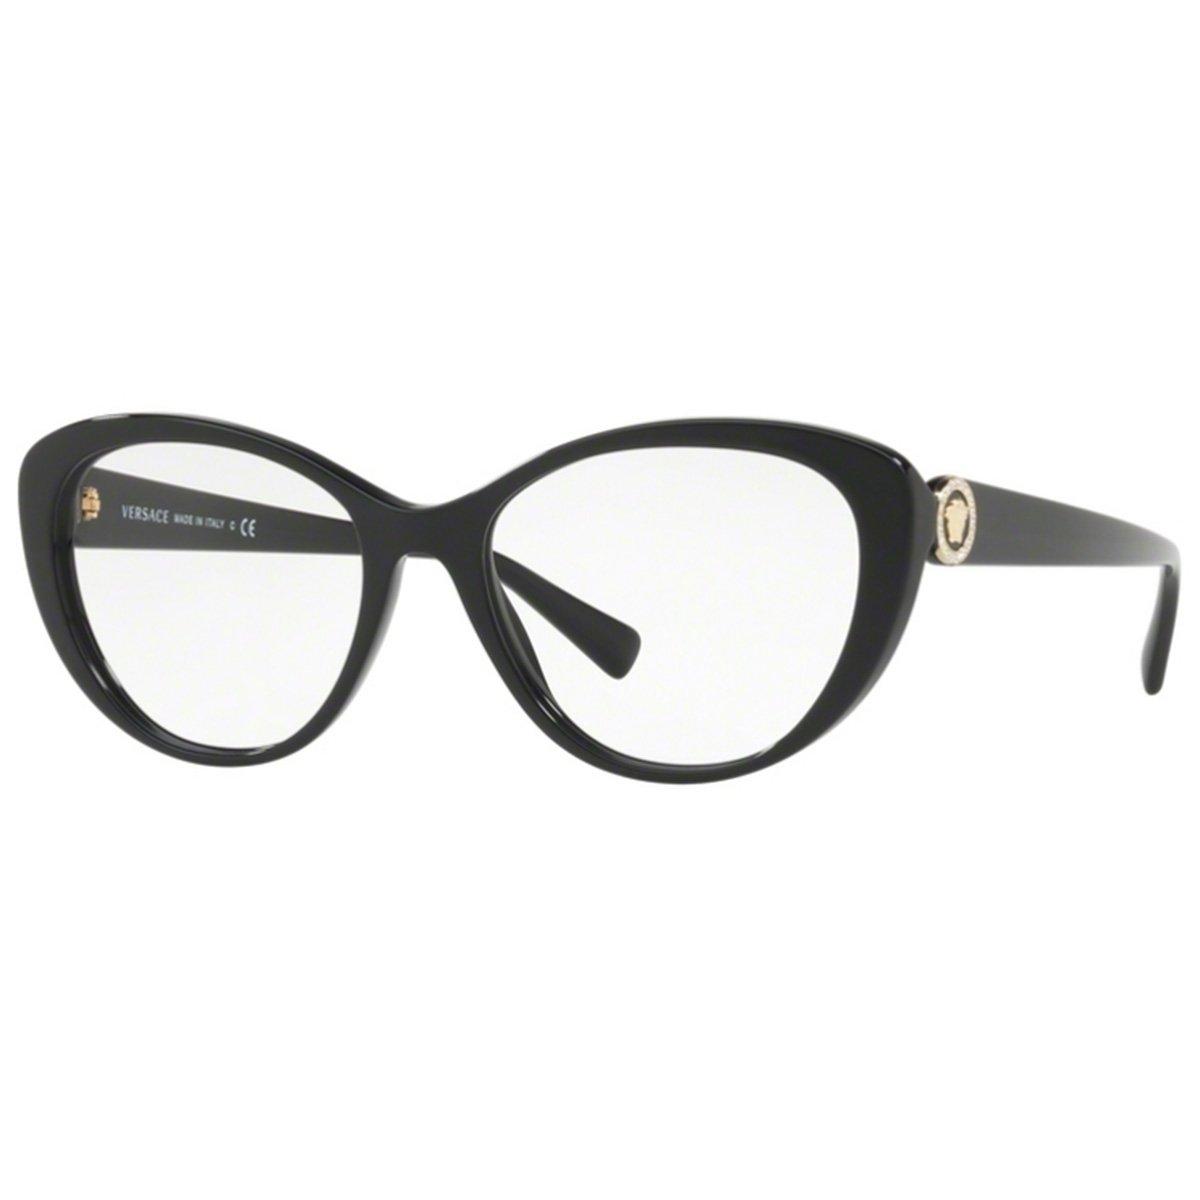 80c3f046c Compre Óculos de Grau Versace em 10X | Tri-Jóia Shop